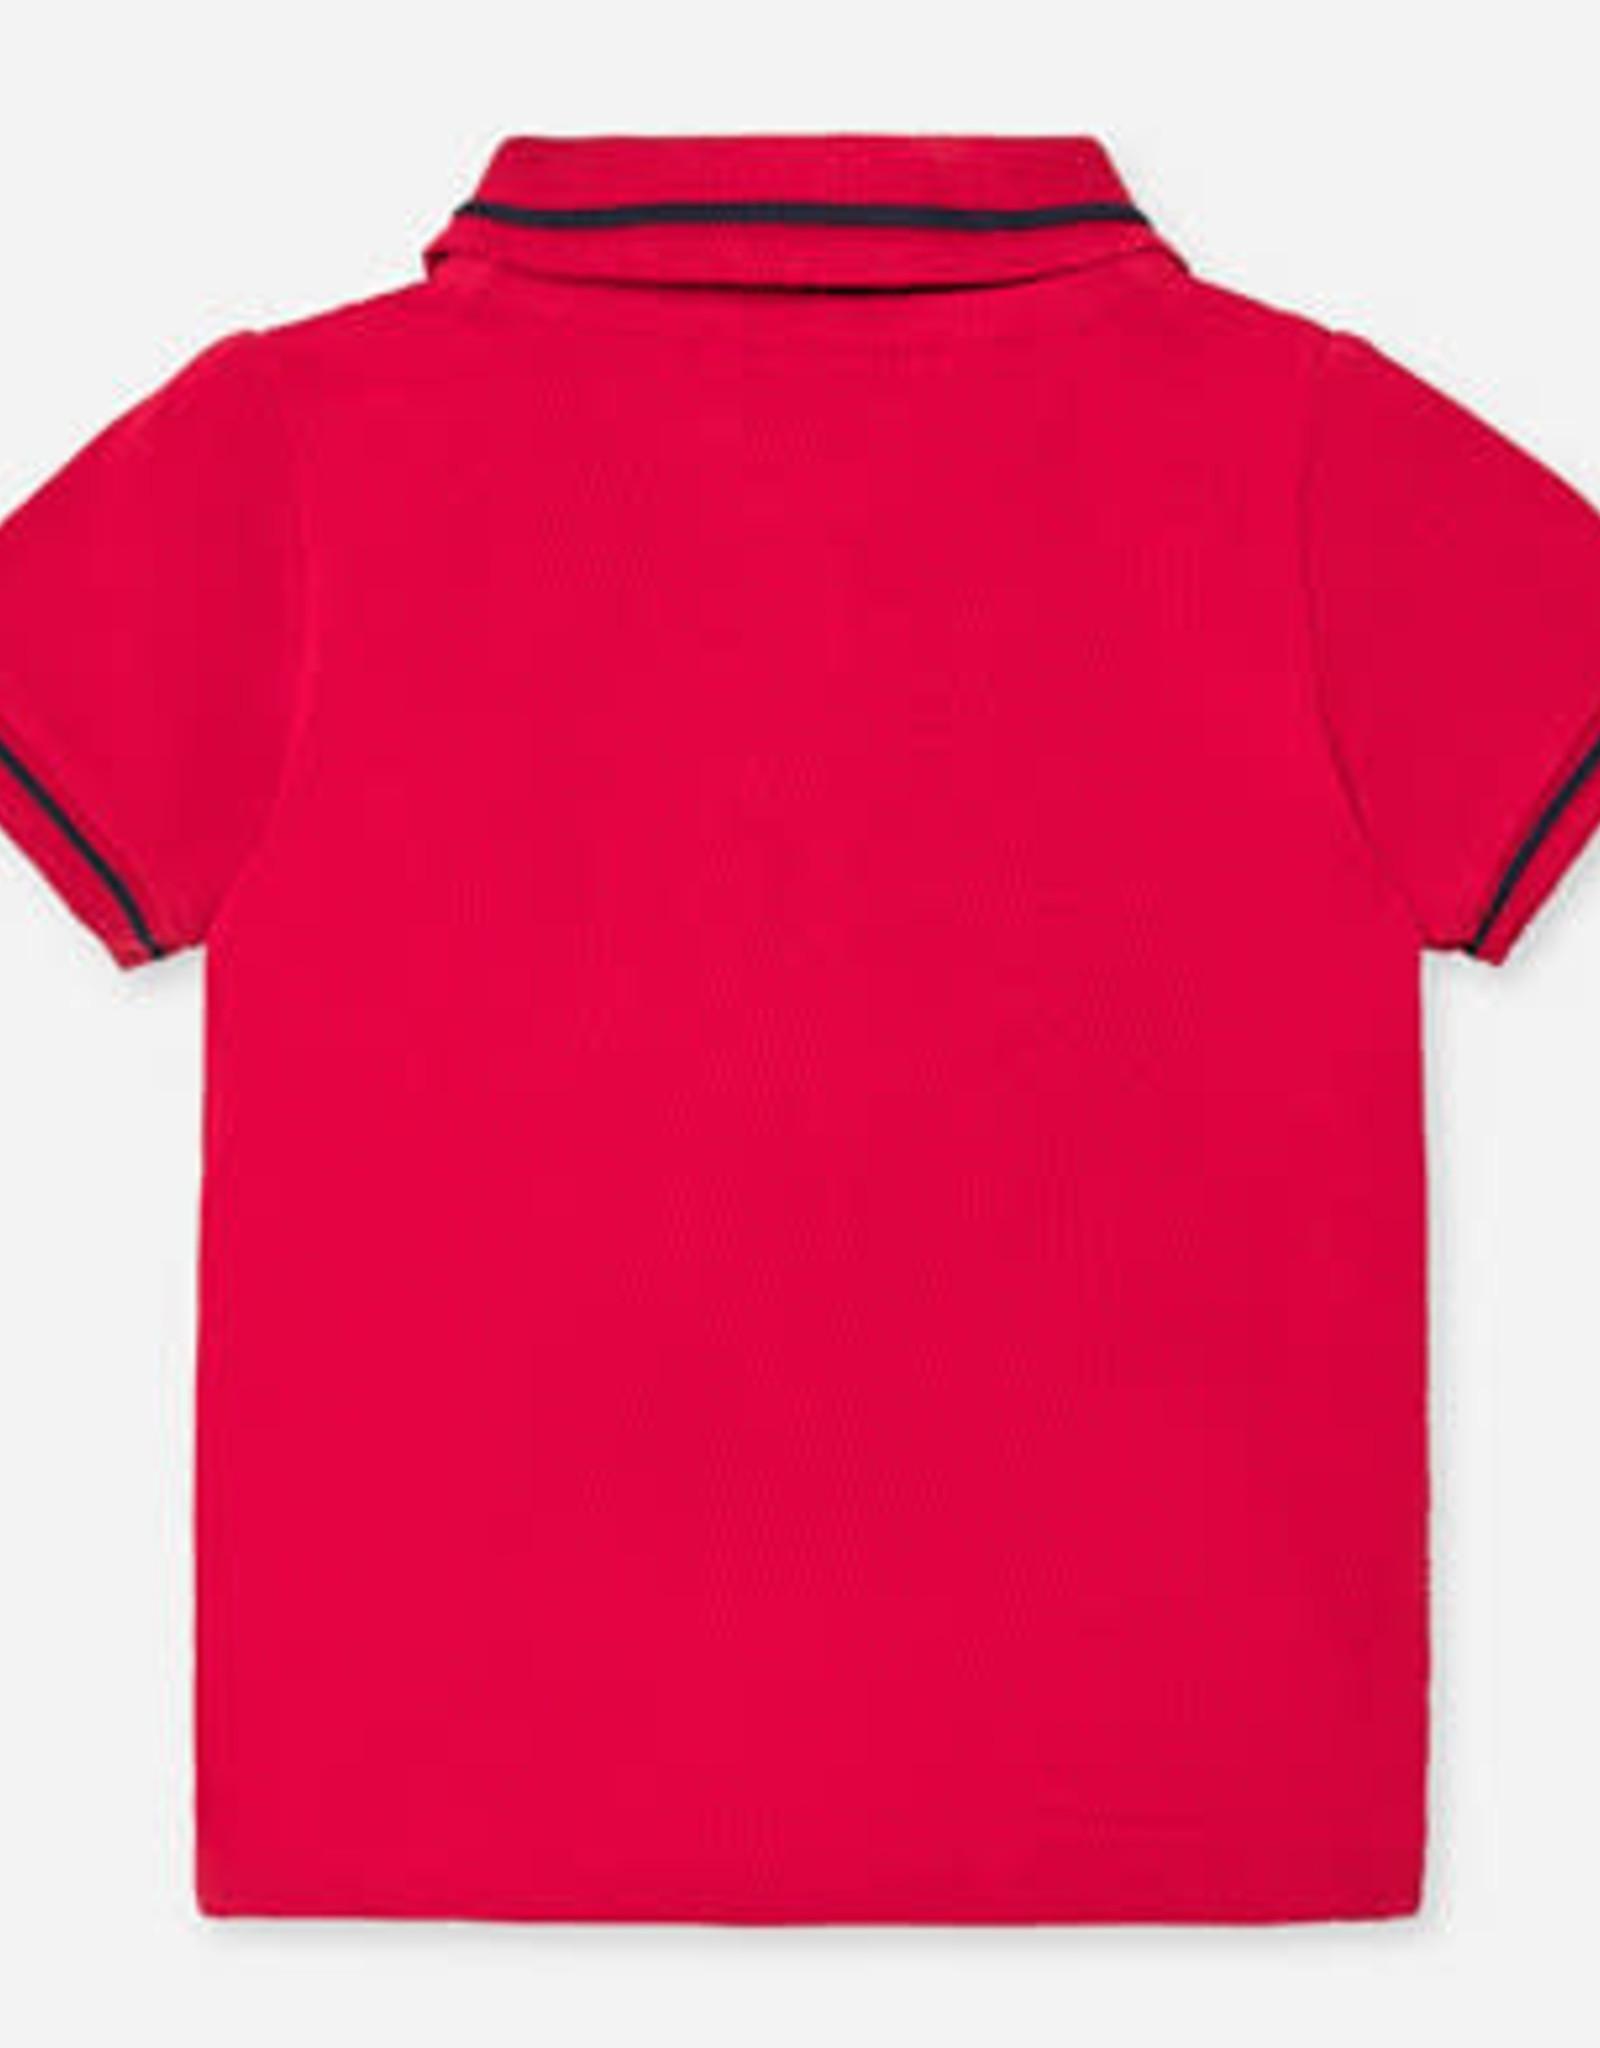 Mayoral Mayoral Basic Short Sleeve Polo